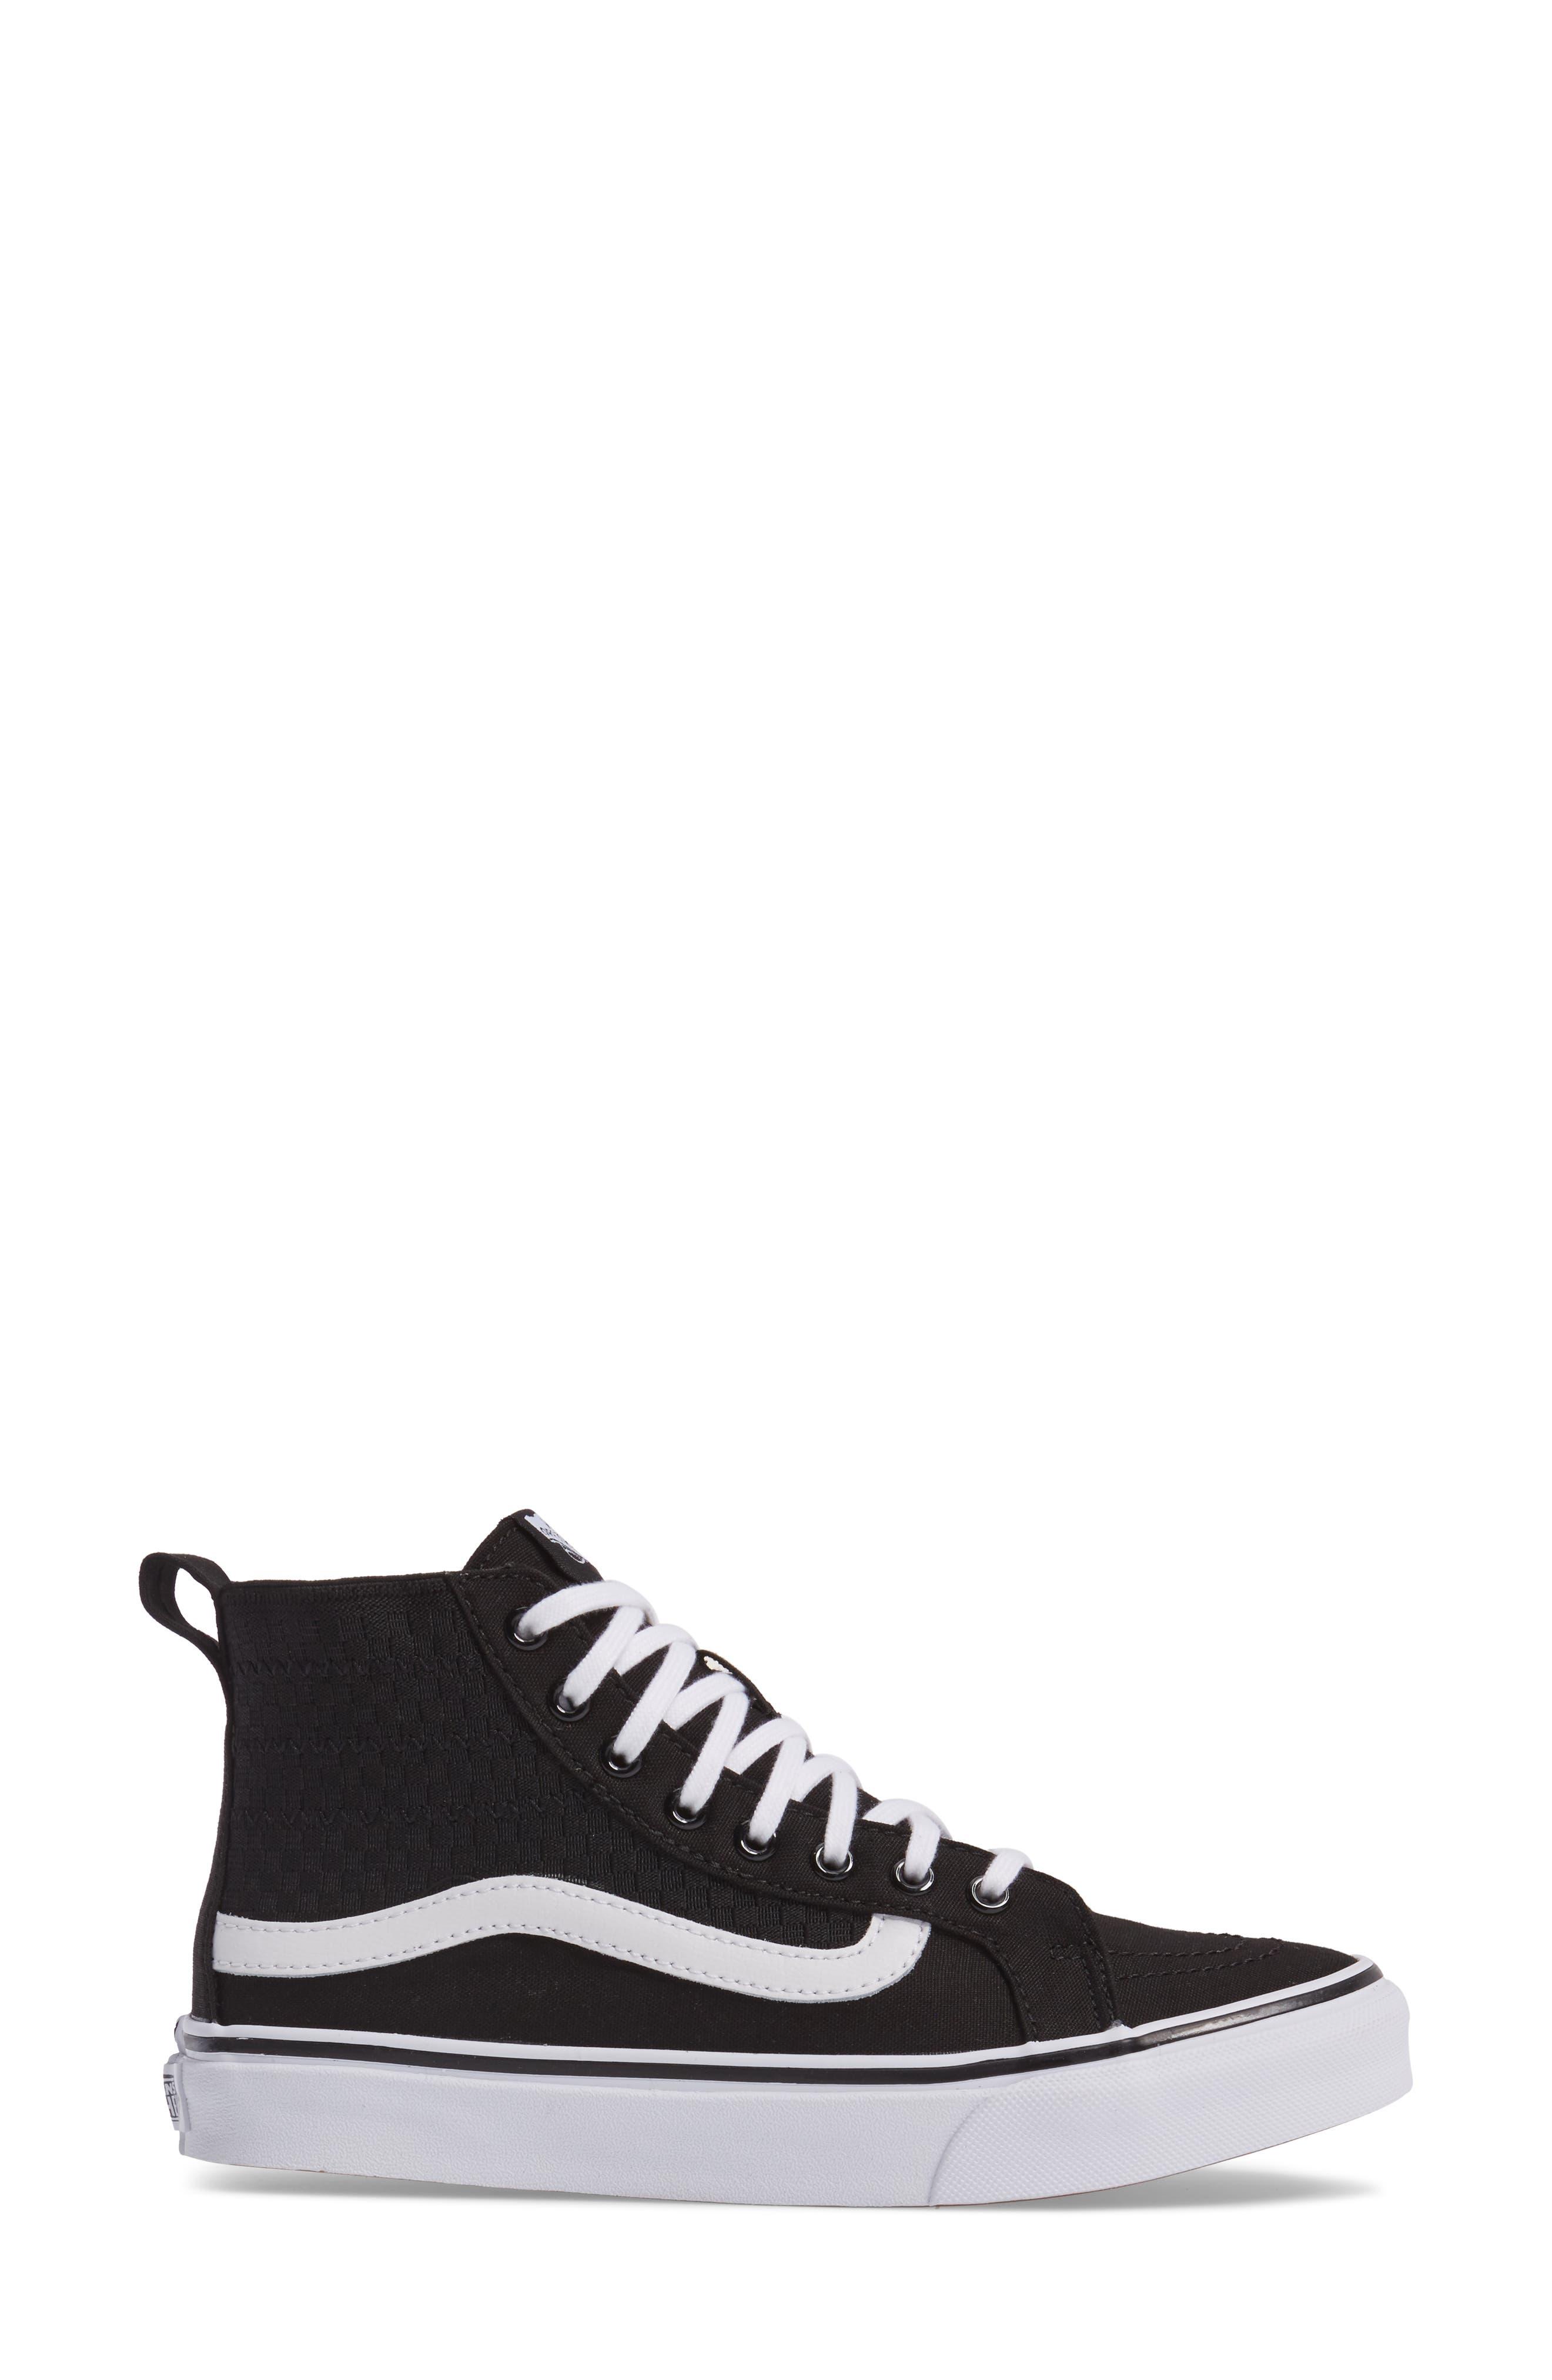 SK8-HI Slim Gore Sneaker,                             Alternate thumbnail 3, color,                             001